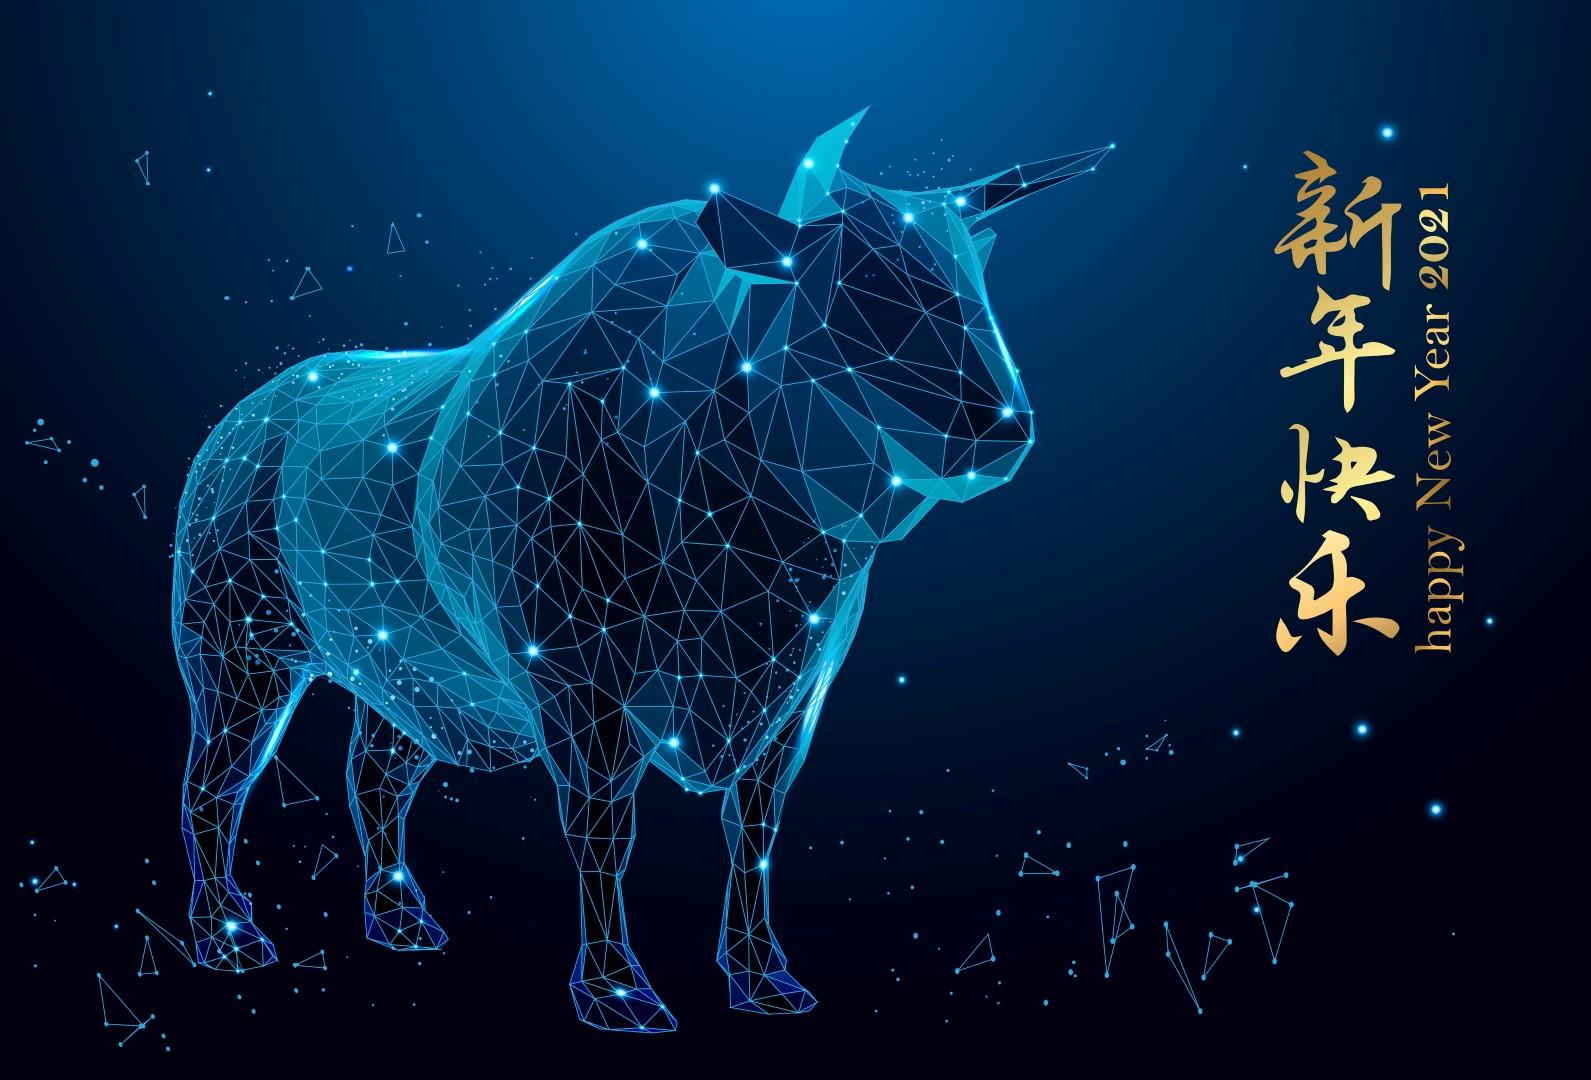 ראש השנה הסיני 2021 שנת השור (צילום: shutterstock)